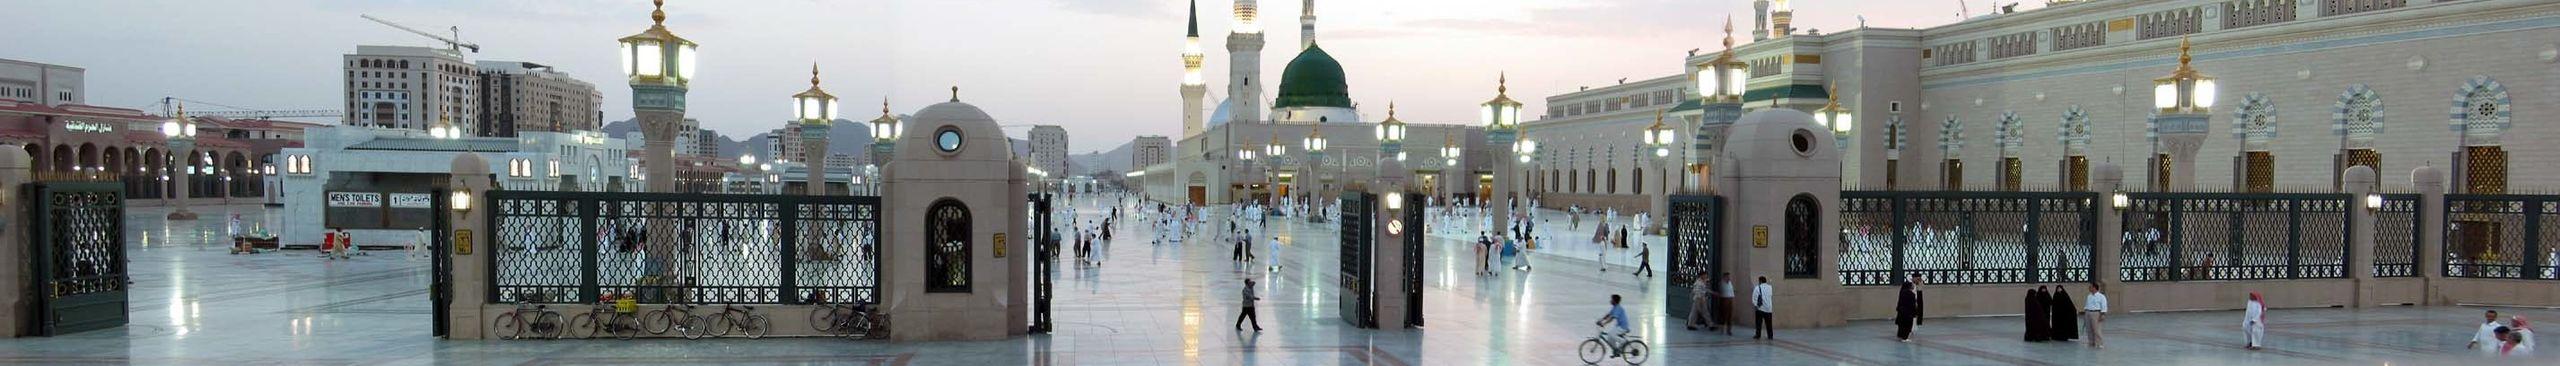 Medina – Travel guide at Wikivoyage